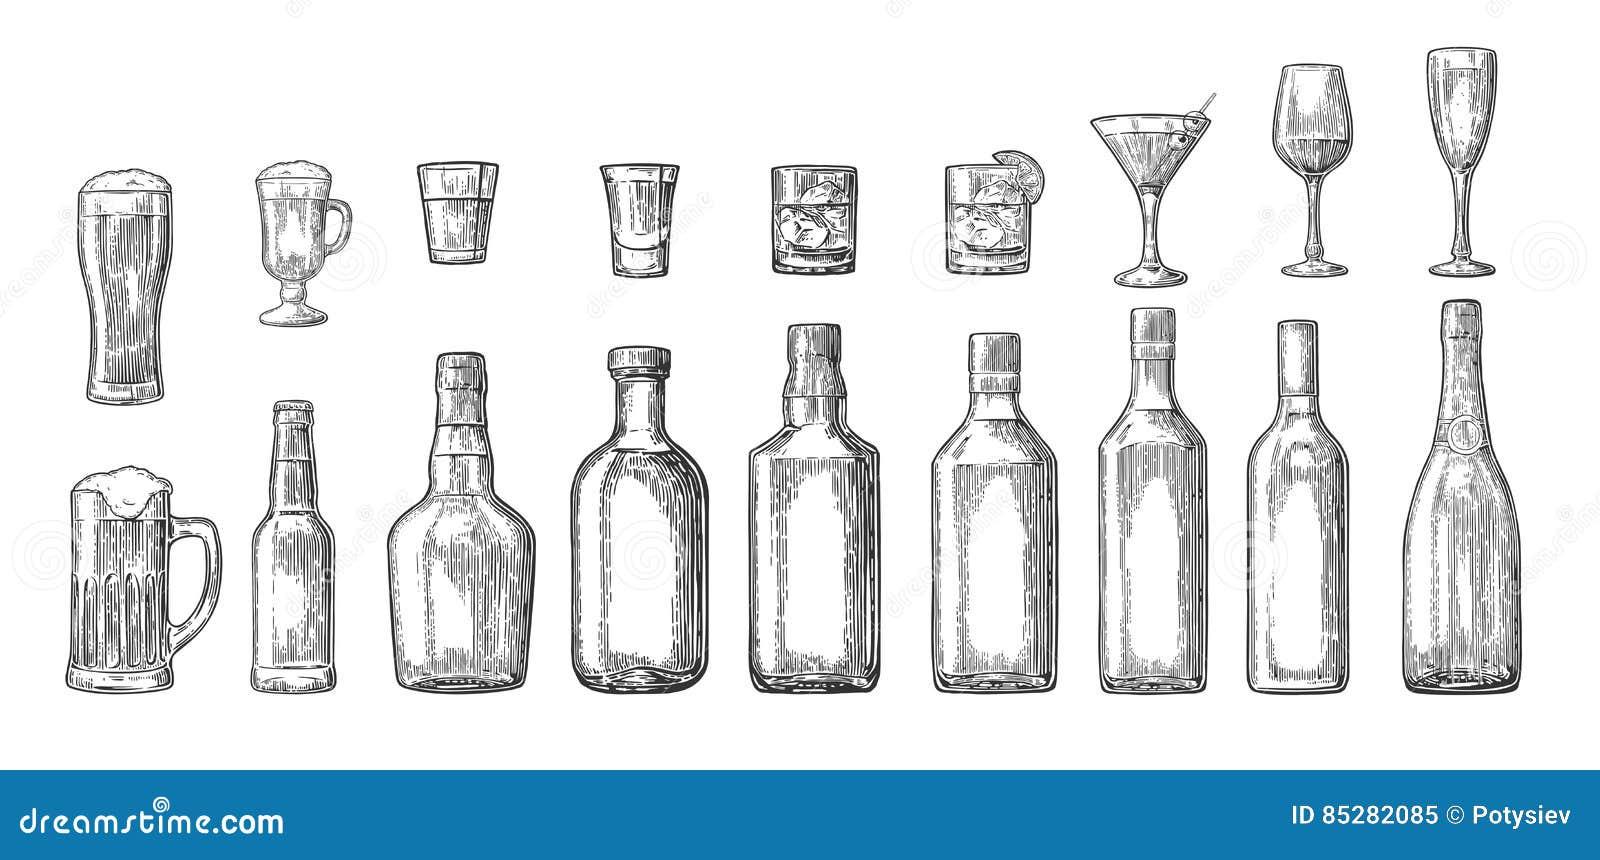 Καθορισμένη μπύρα γυαλιού και μπουκαλιών, ουίσκυ, κρασί, τζιν, ρούμι, tequila, κοκτέιλ